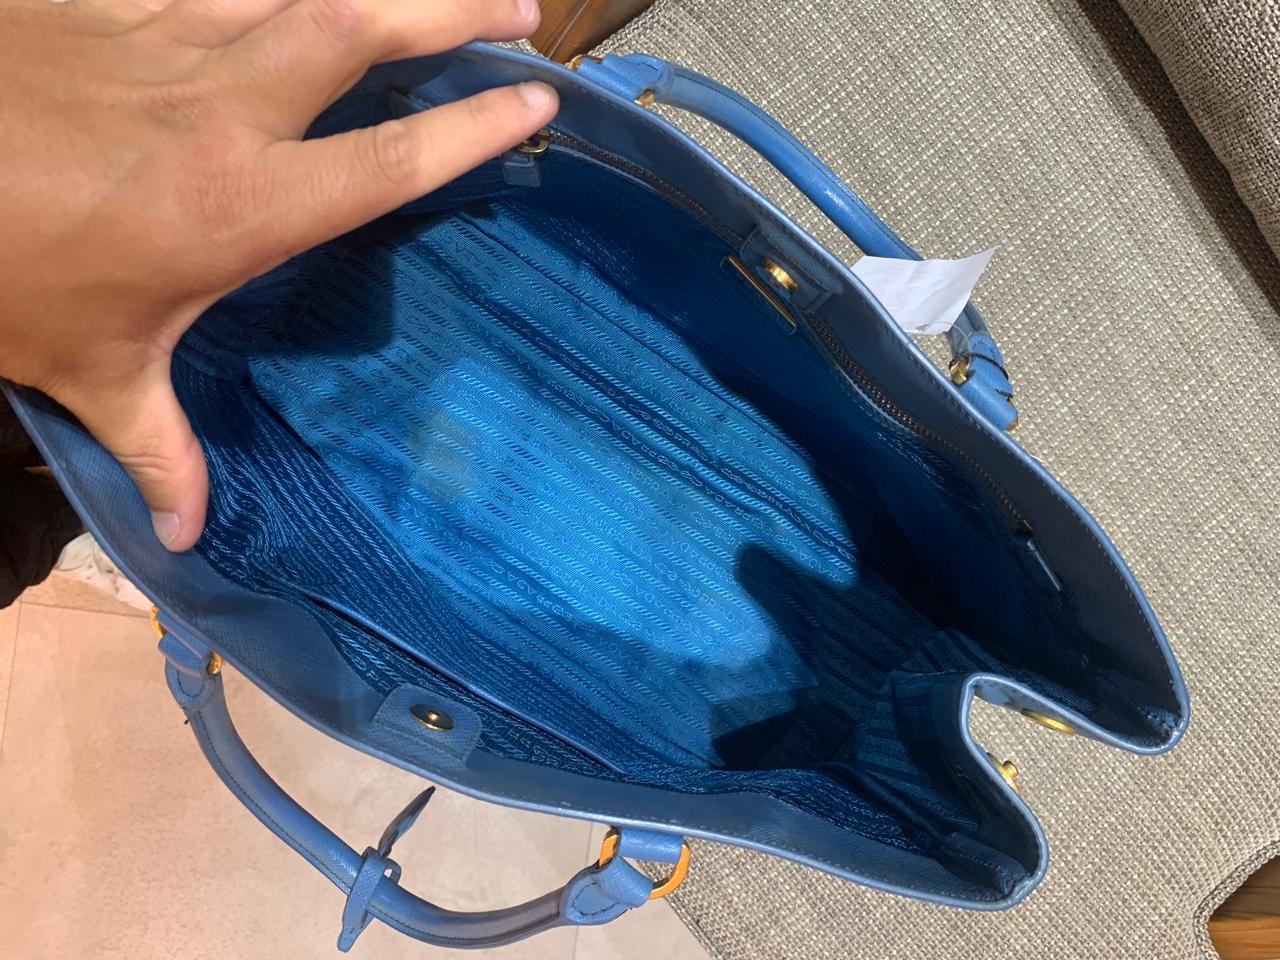 Bolsa Prada Saffiano azul